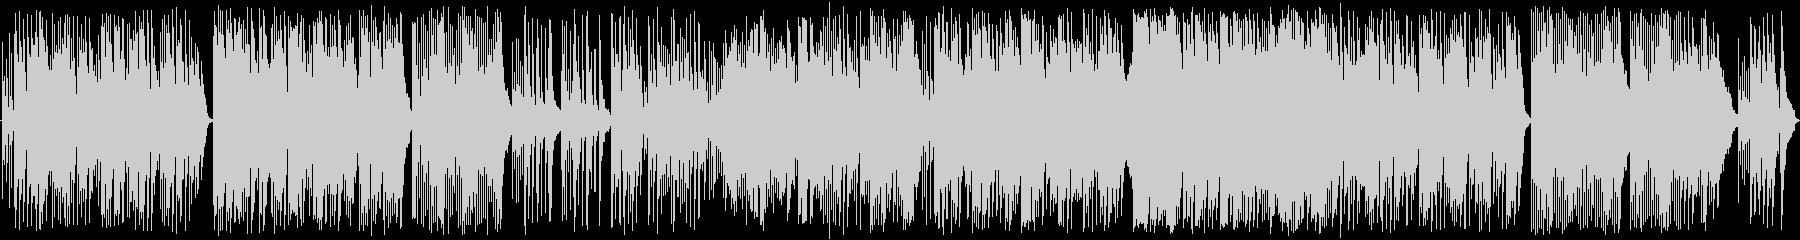 ピアノバラードの未再生の波形